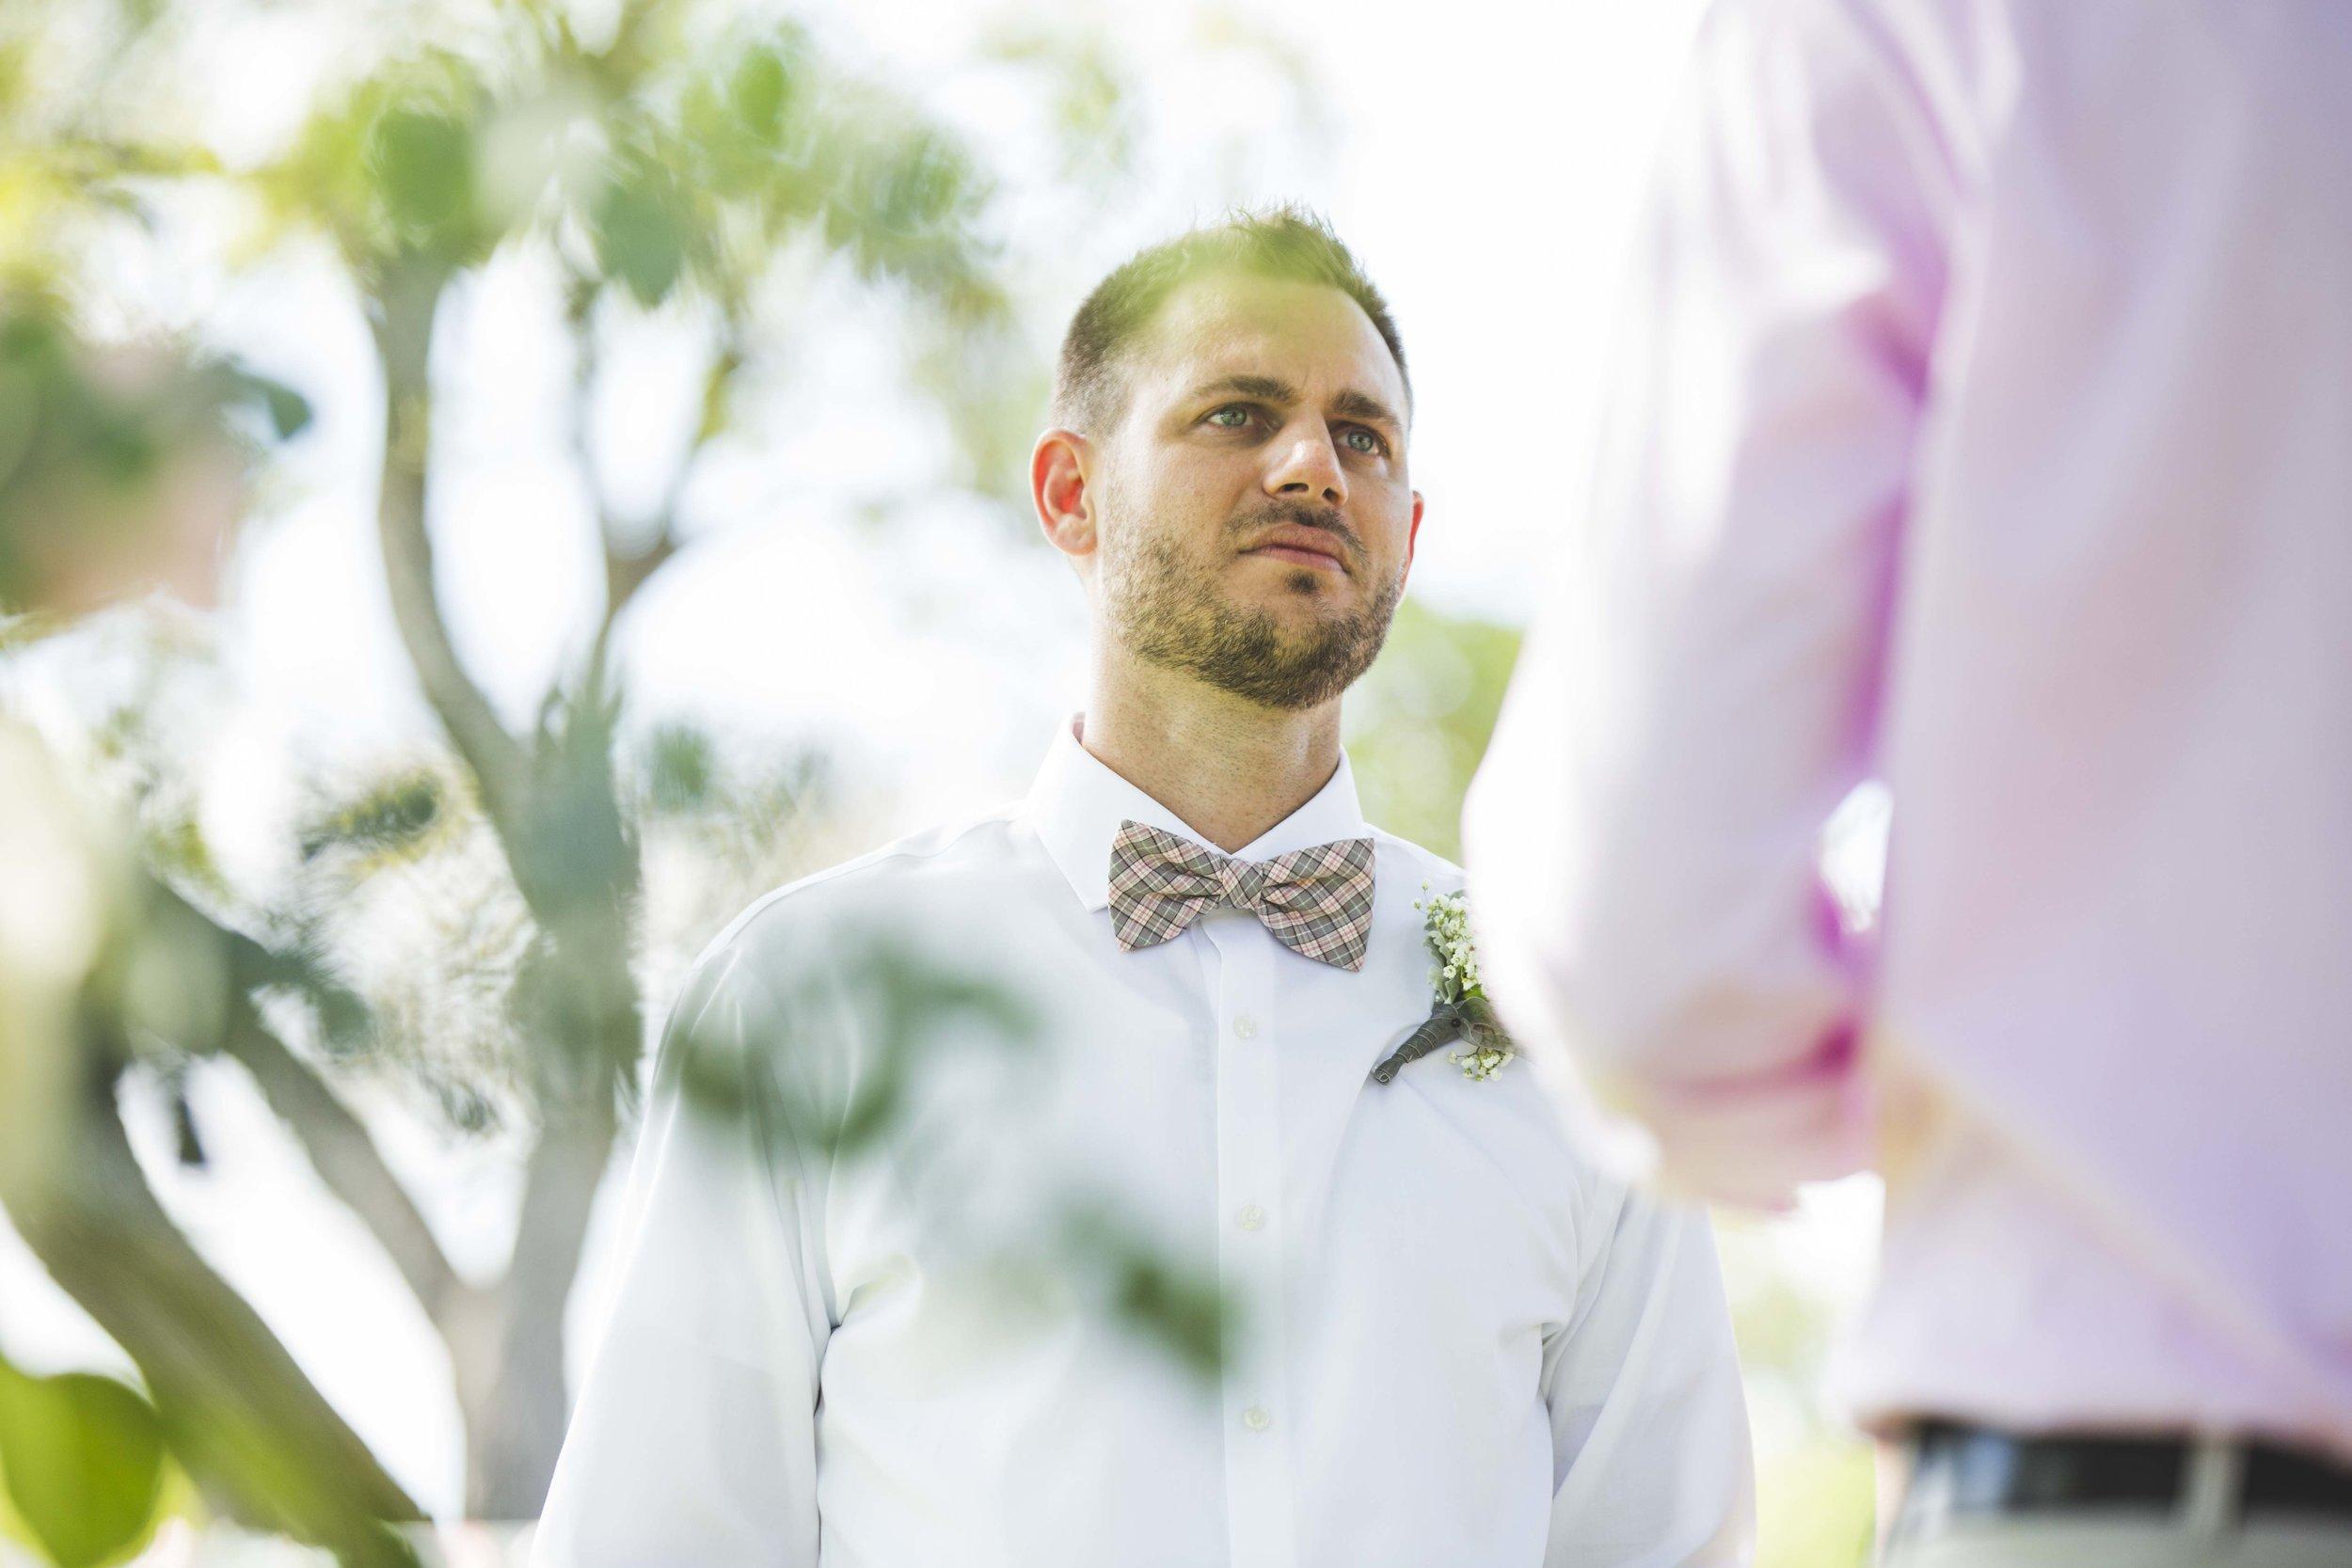 ATGI_Susanna & Matt Wedding_717A7652.jpg